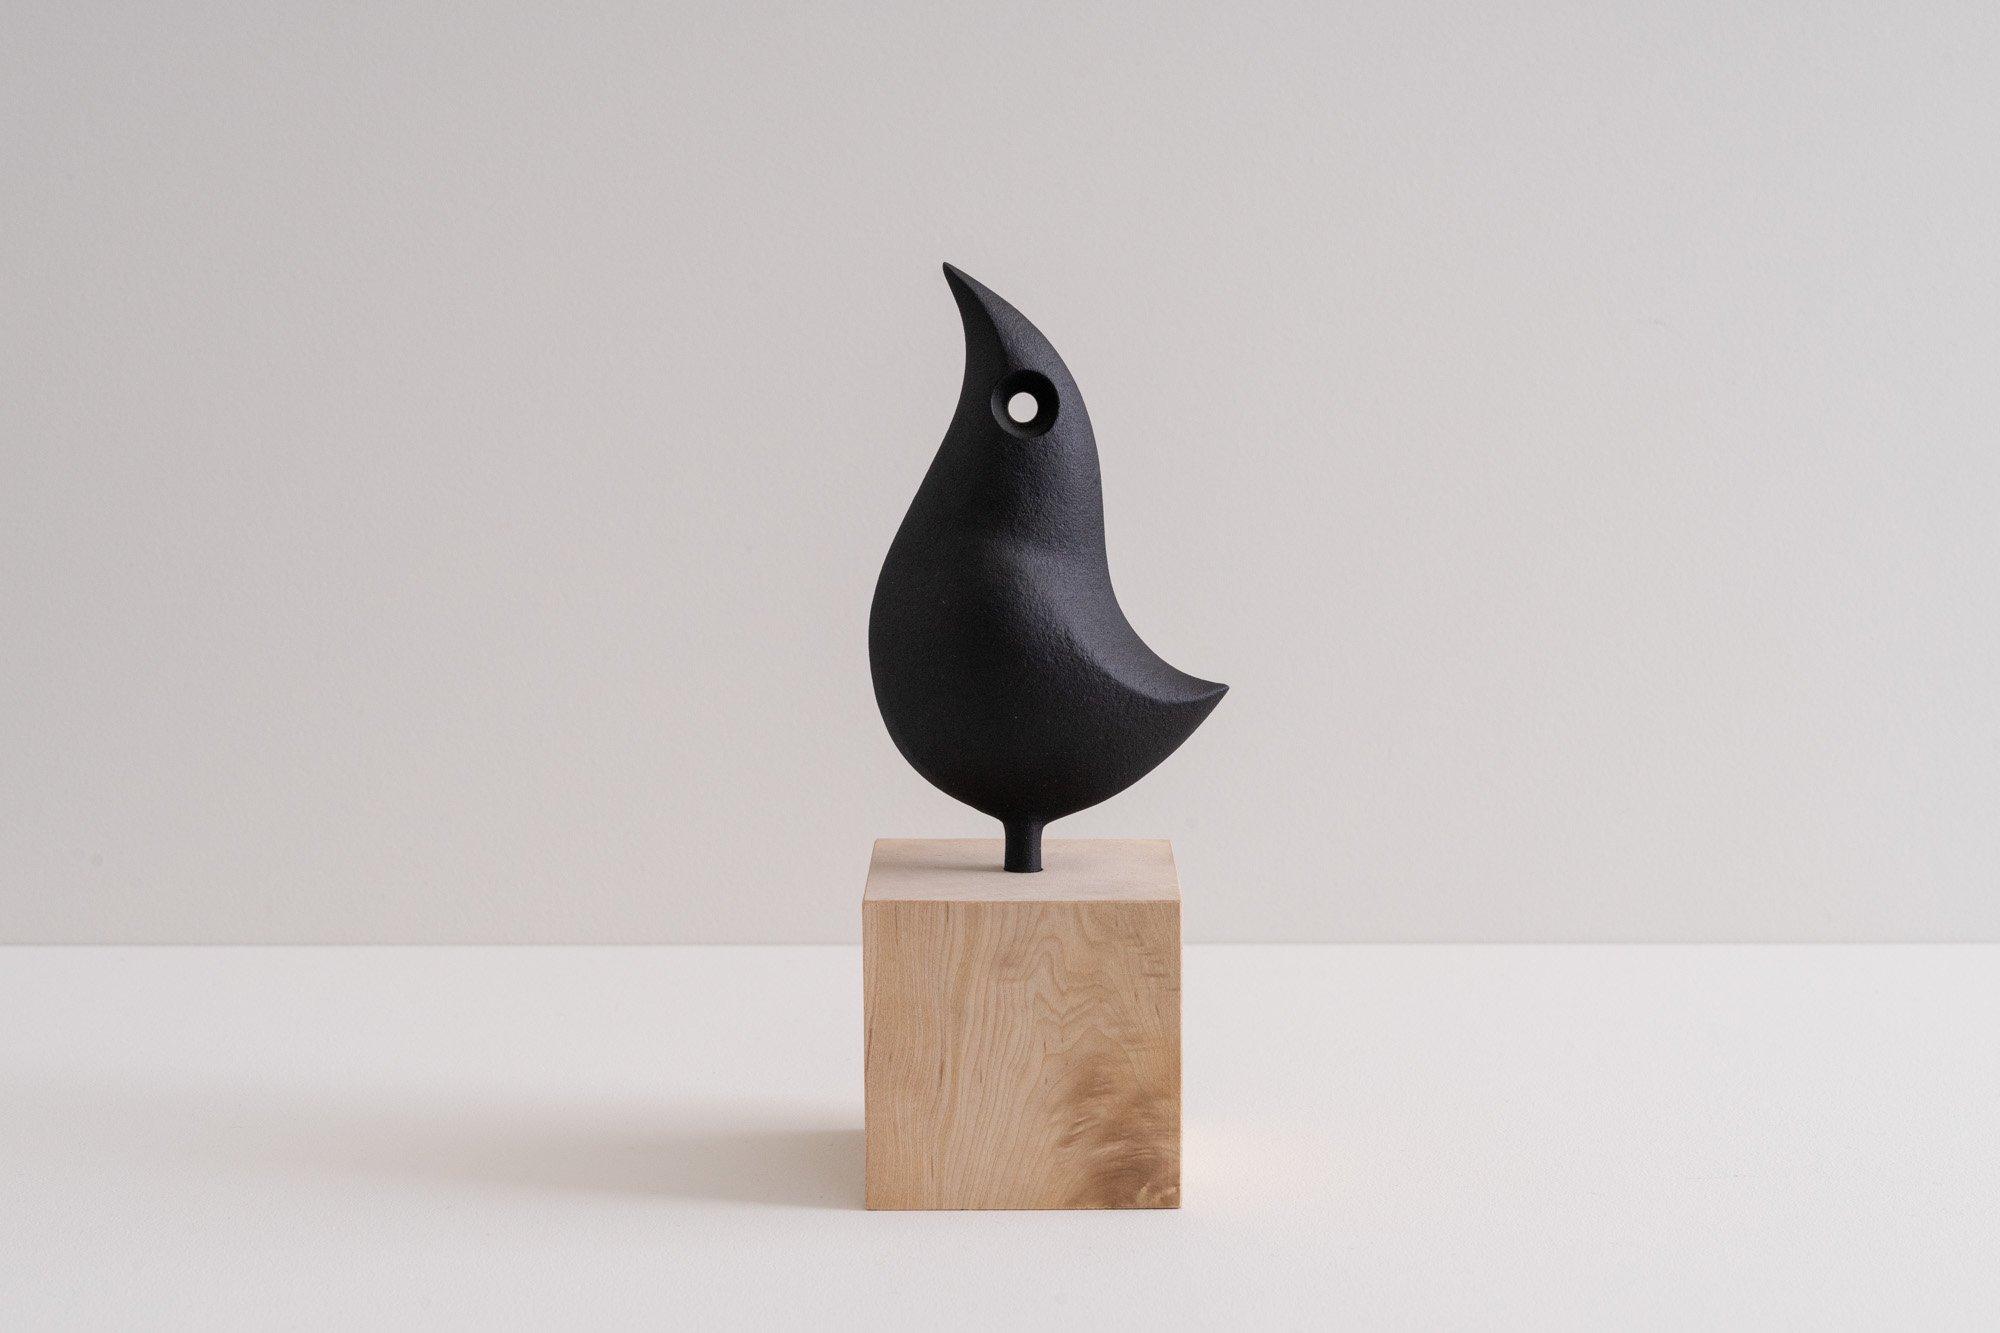 オーナメント鳥(木台)